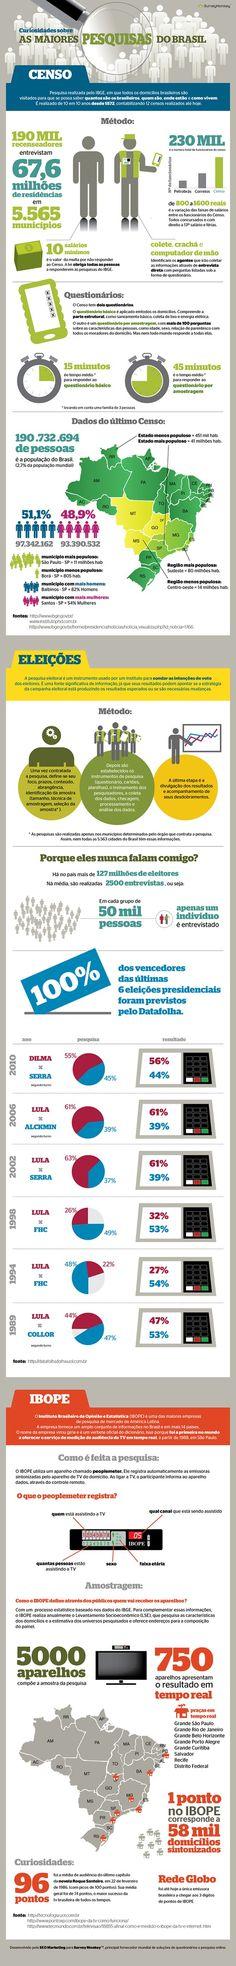 Curiosidade de saber com funcionam as principais pesquisas do pais. #Infografico